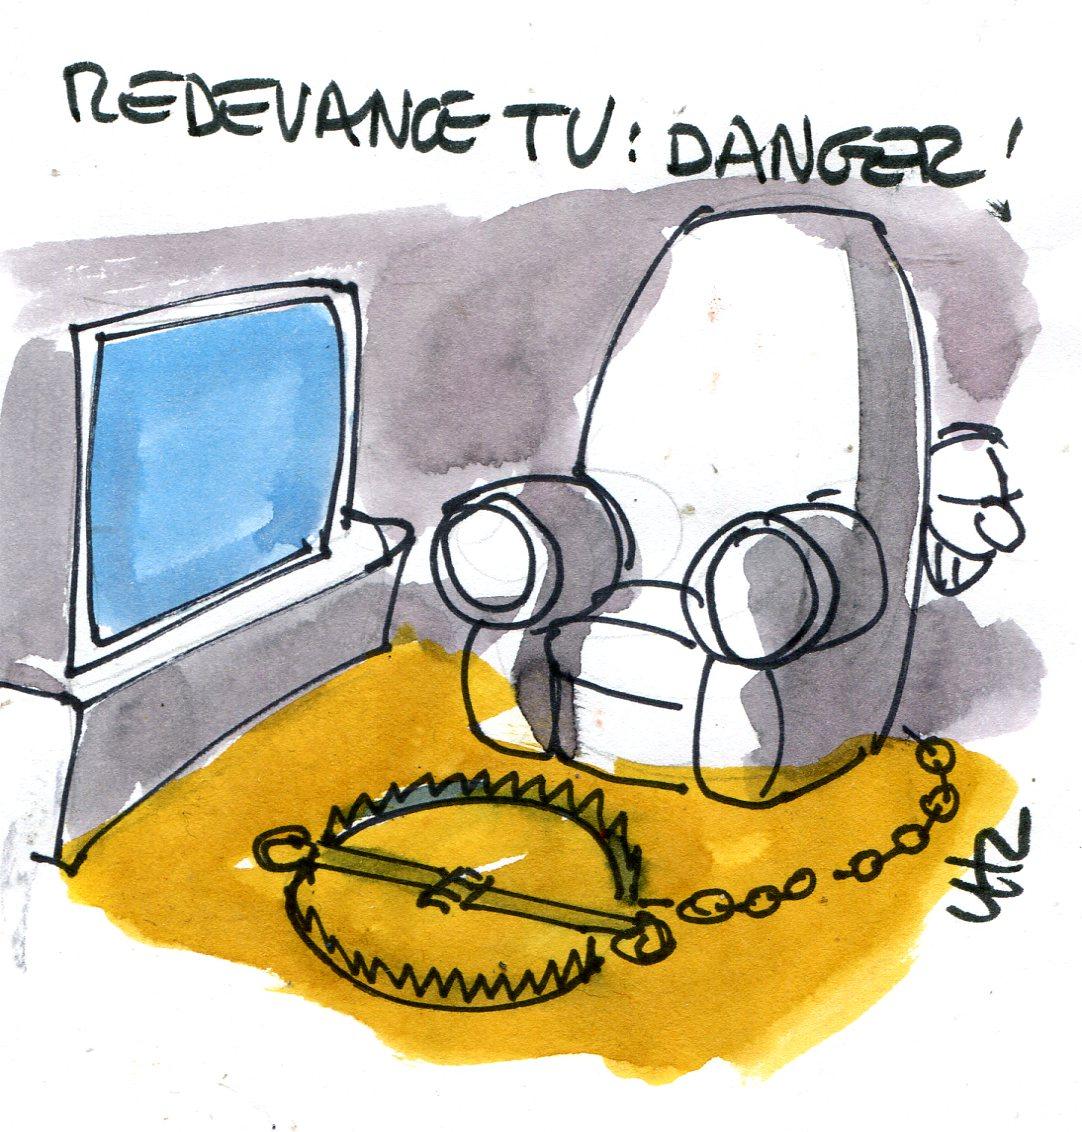 Redevance TV : durcissement des contrôles